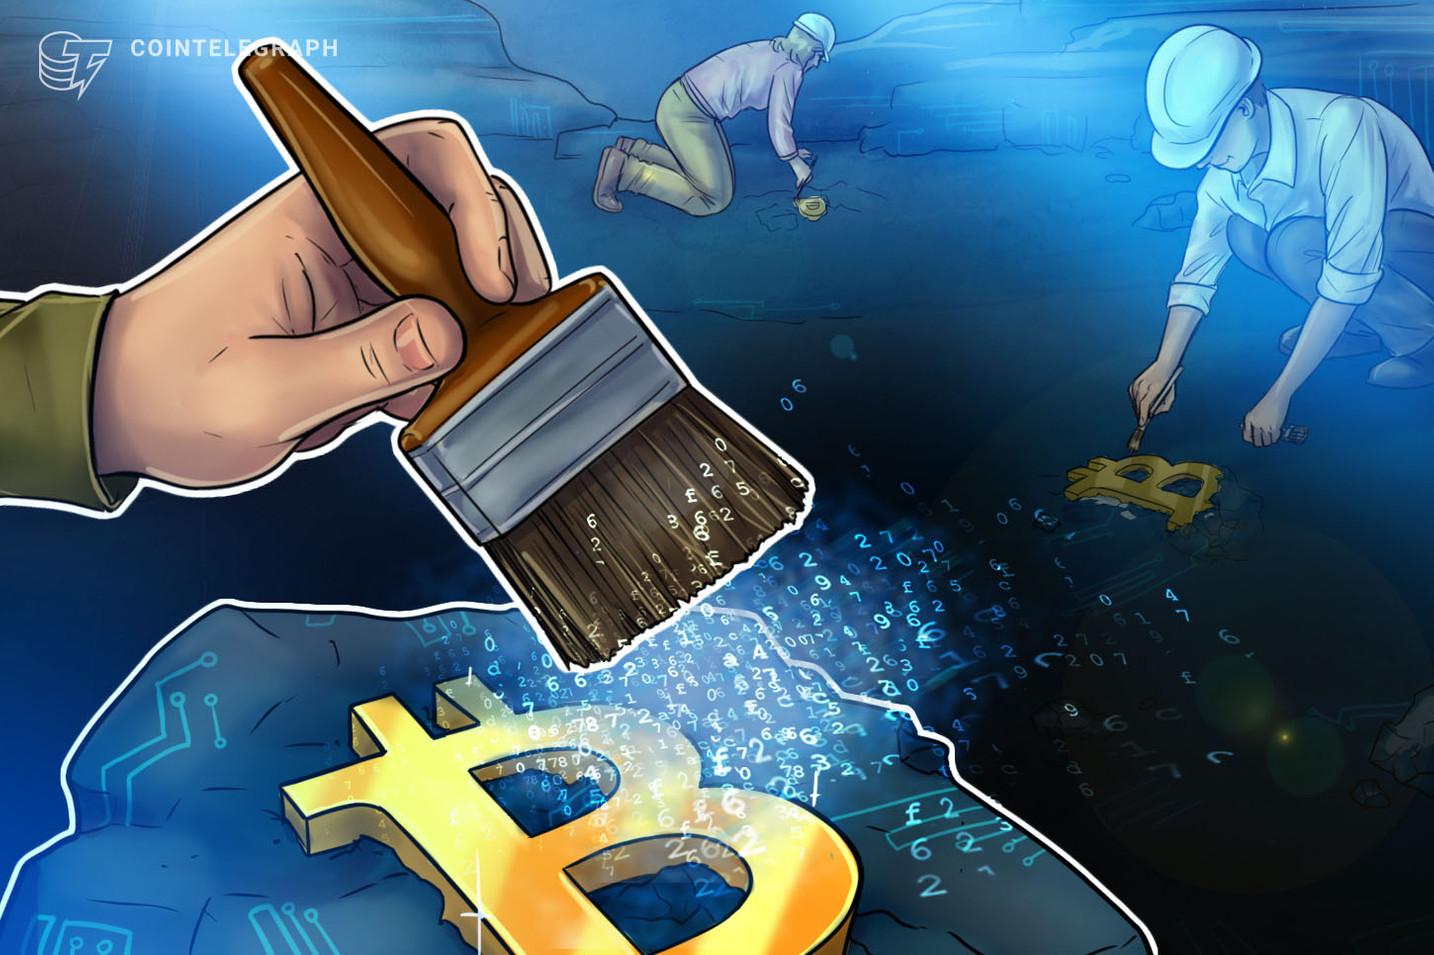 Poteškoće s rudarenjem bitcoina padaju četvrti put zaredom